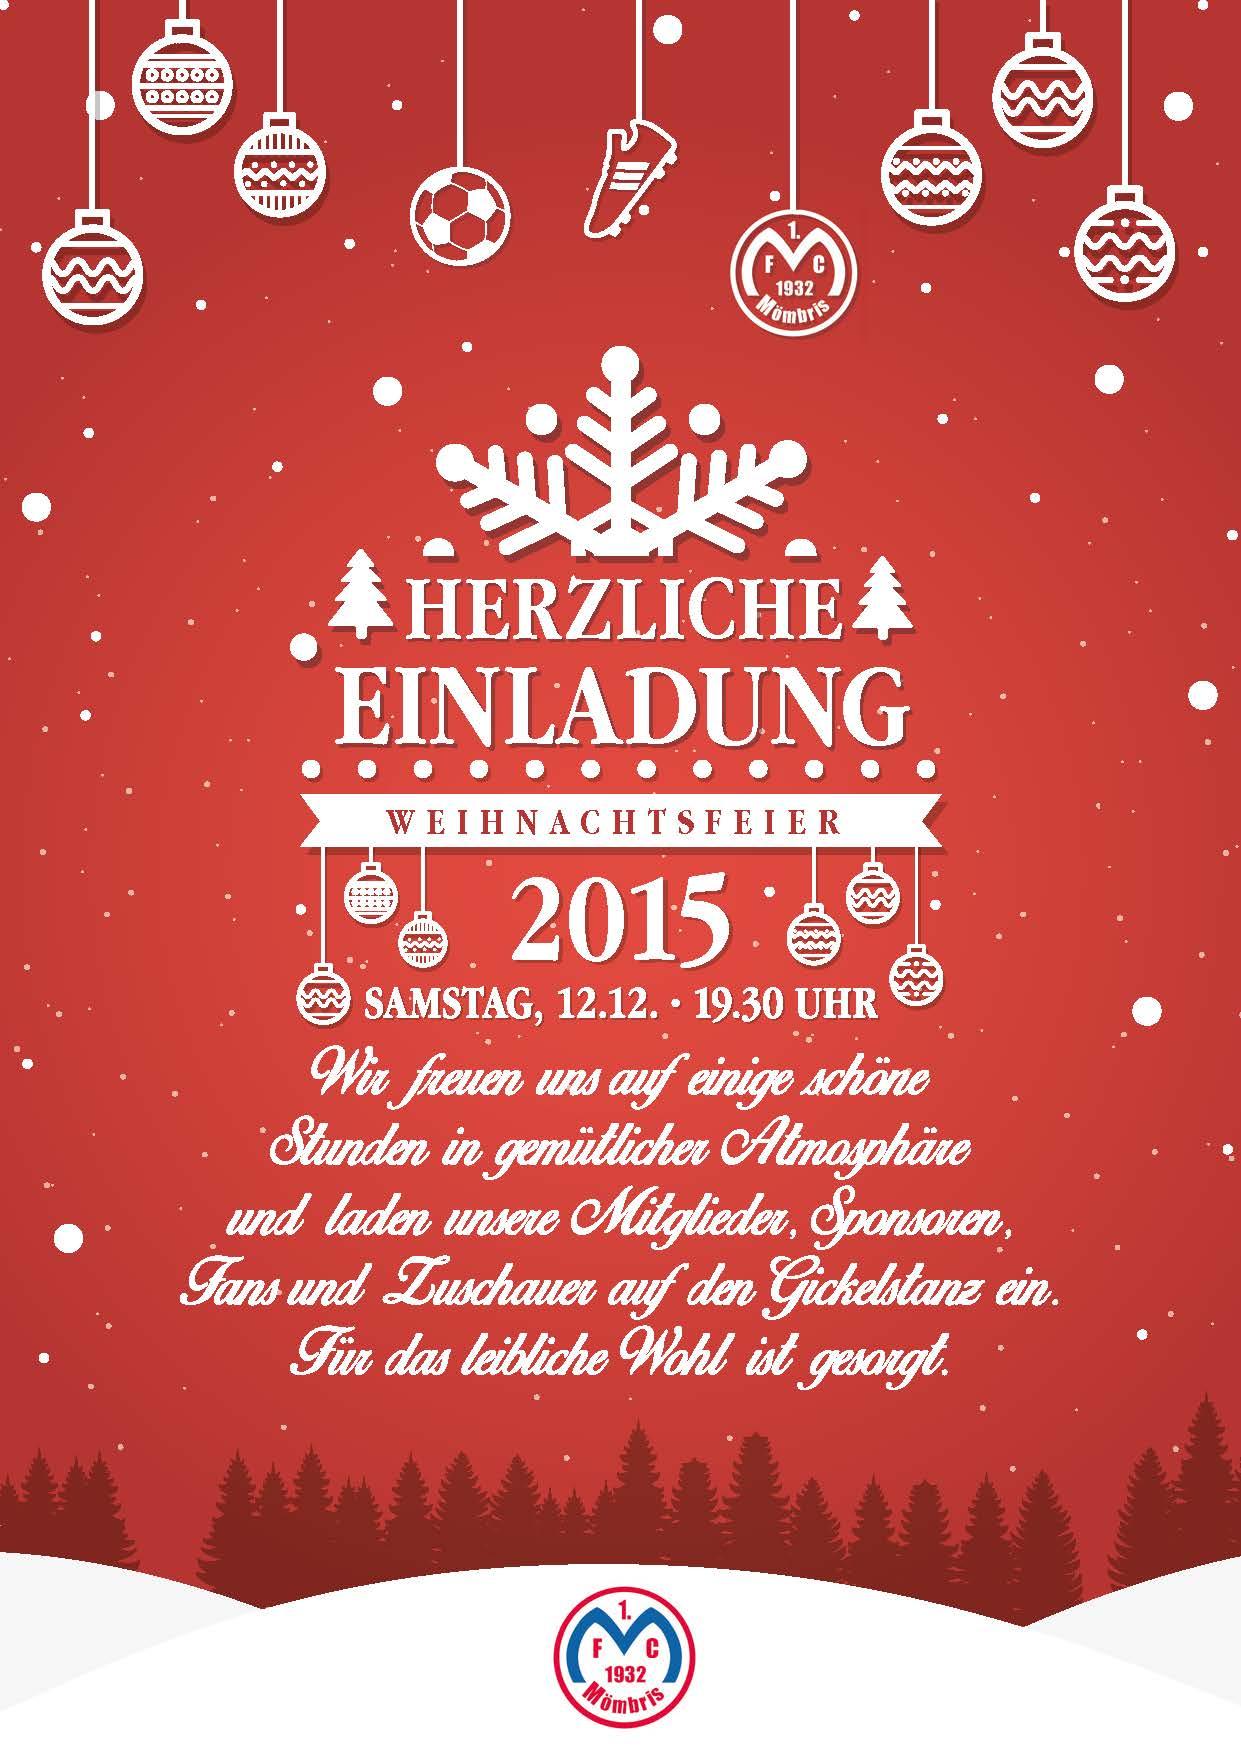 Einladung Zur Weihnachtsfeier.Einladung Zur Weihnachtsfeier 1 Fc Mombris 1932 E V